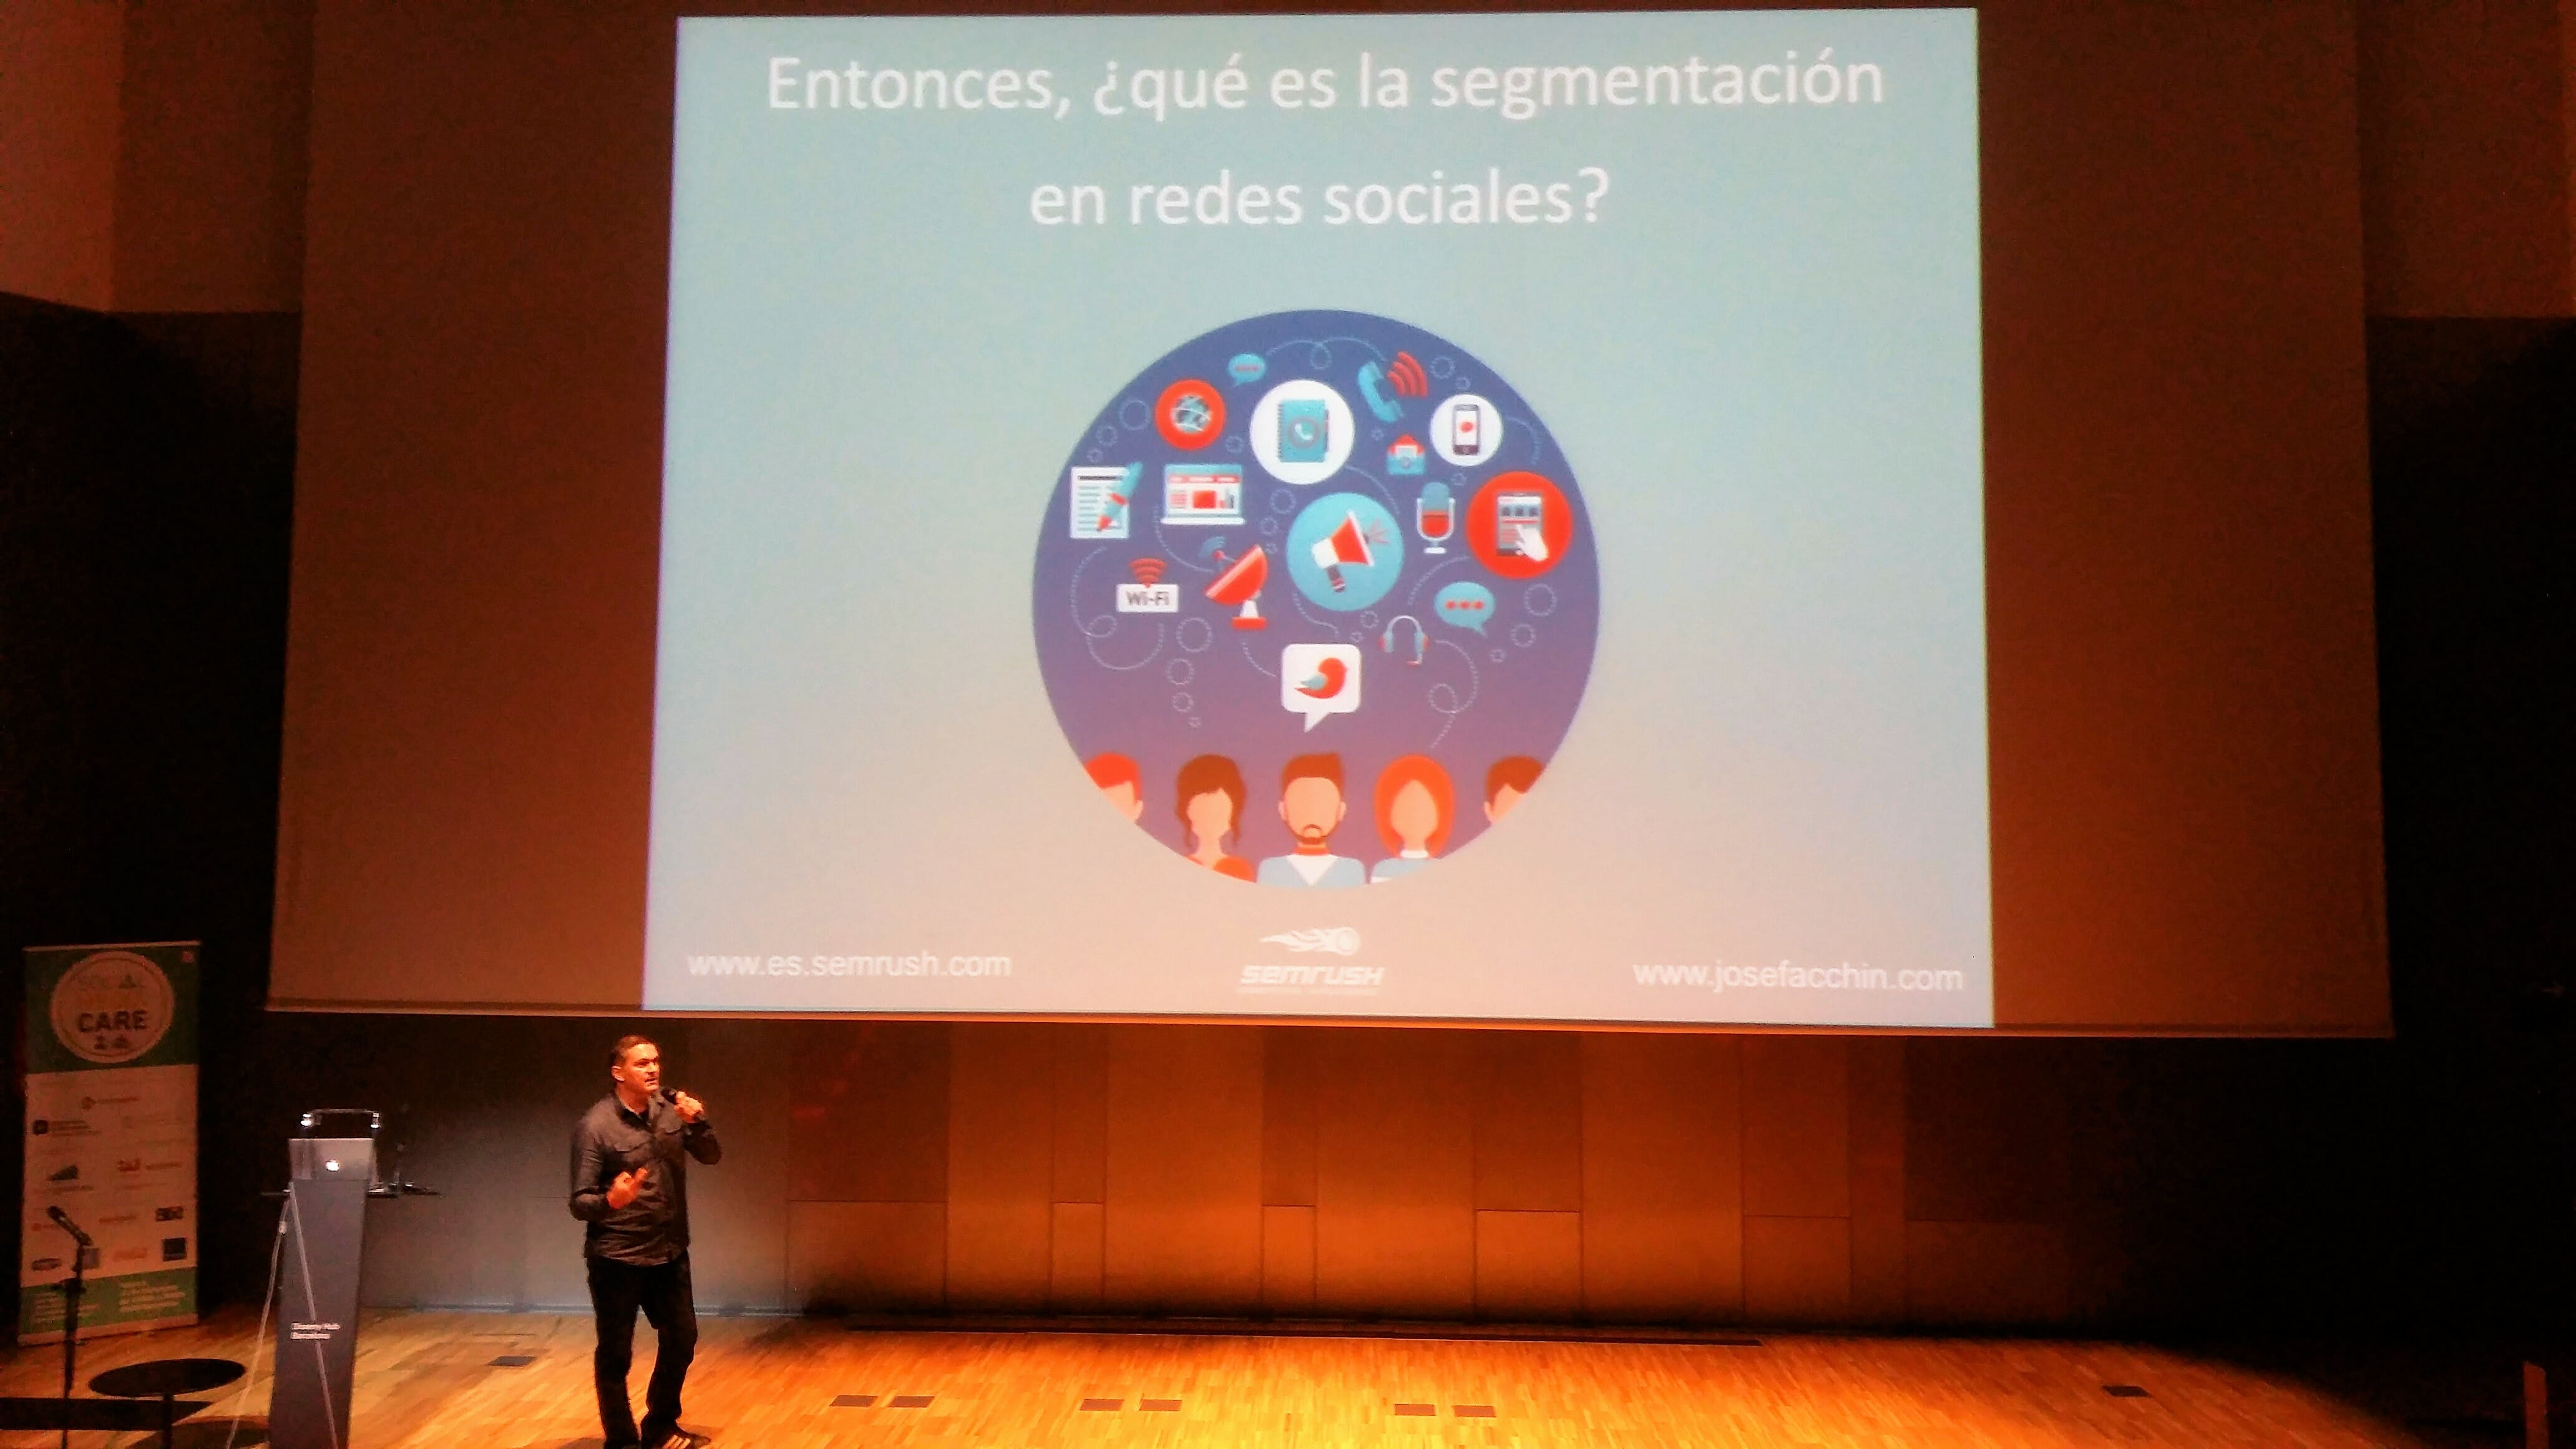 Jose Facchin - Social Media Care - CinTínez